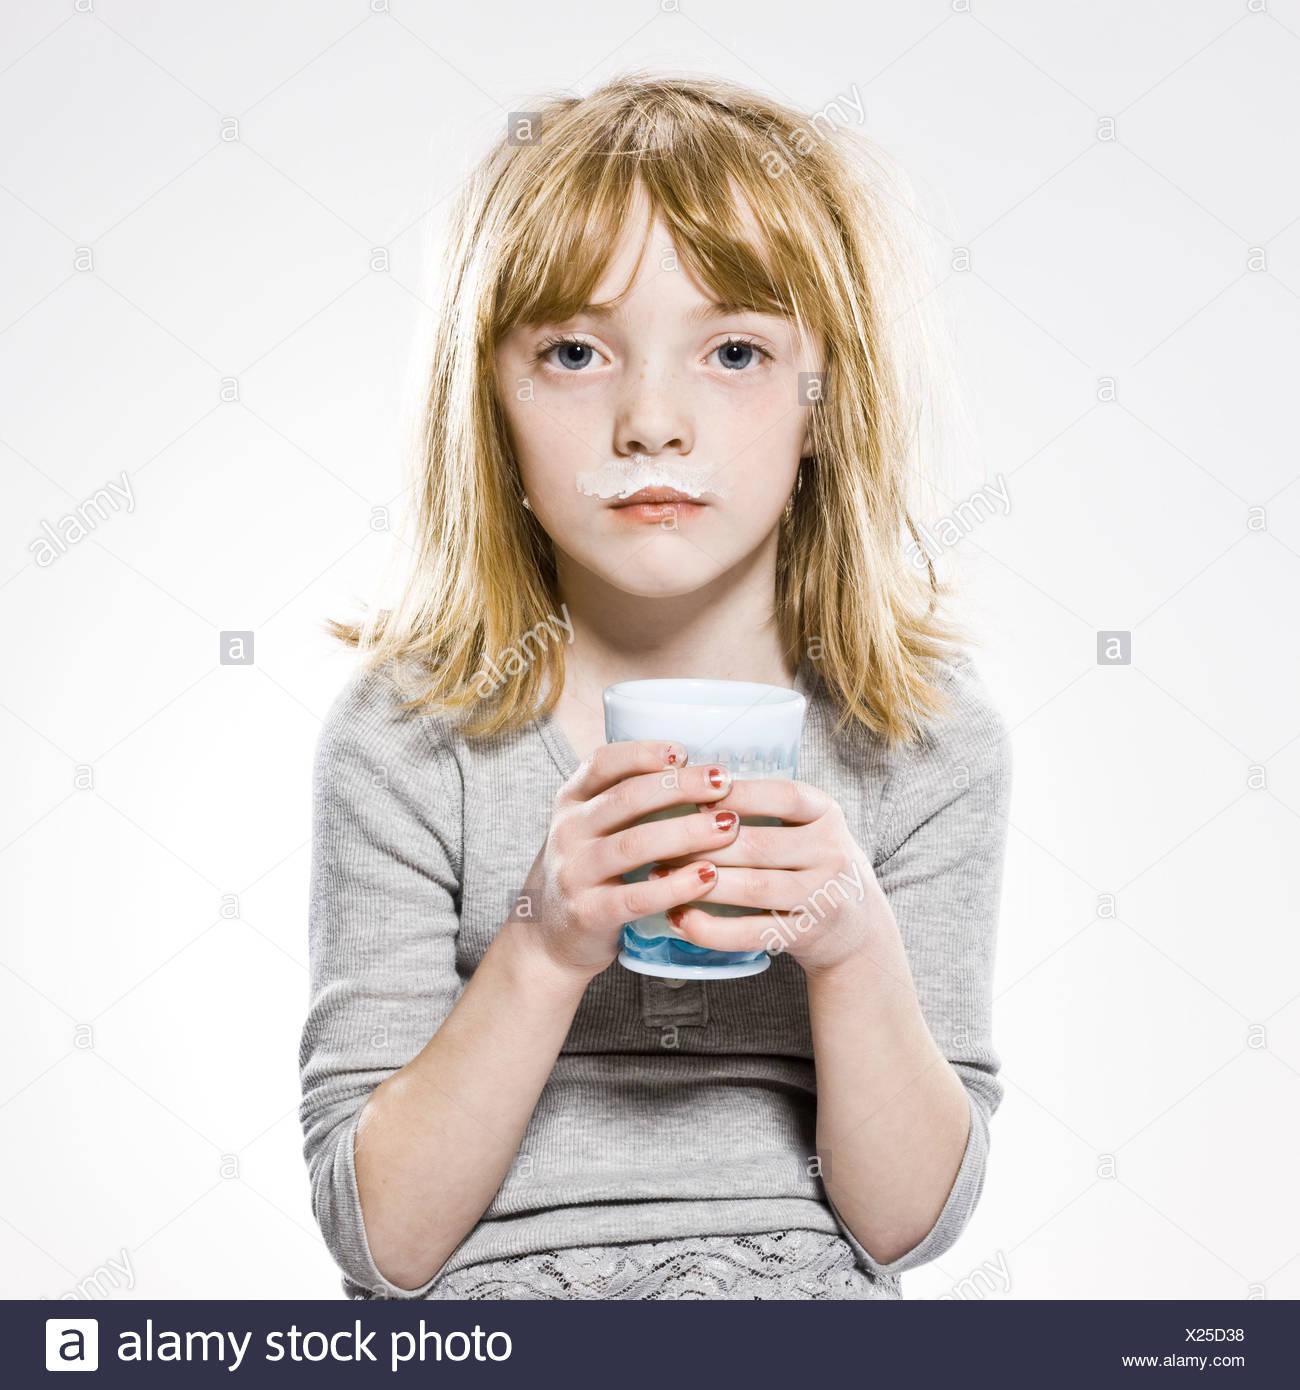 Fille regardant la caméra avec une moustache de lait Photo Stock